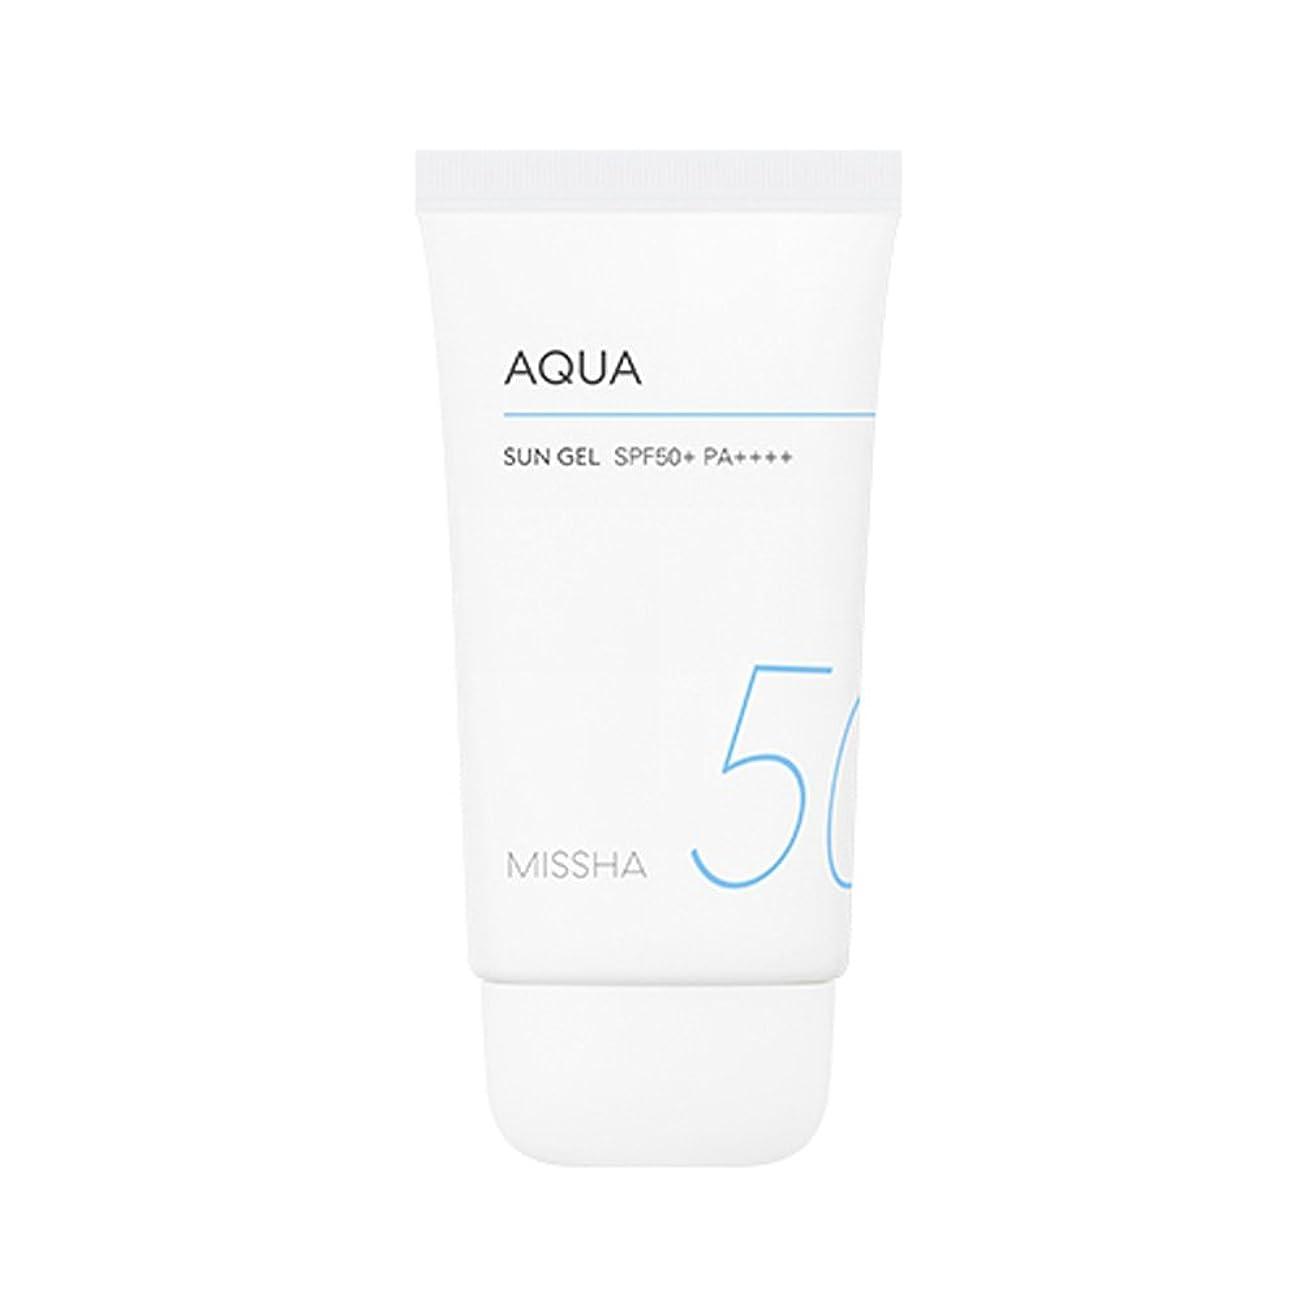 表示性別そよ風Missha All Around Safe Block Aqua Sun Gel SPF50+ PA++++ 50ml ミシャ オール アラウンド セーフ ブロック アクア サン ジェル 50ml [並行輸入品]